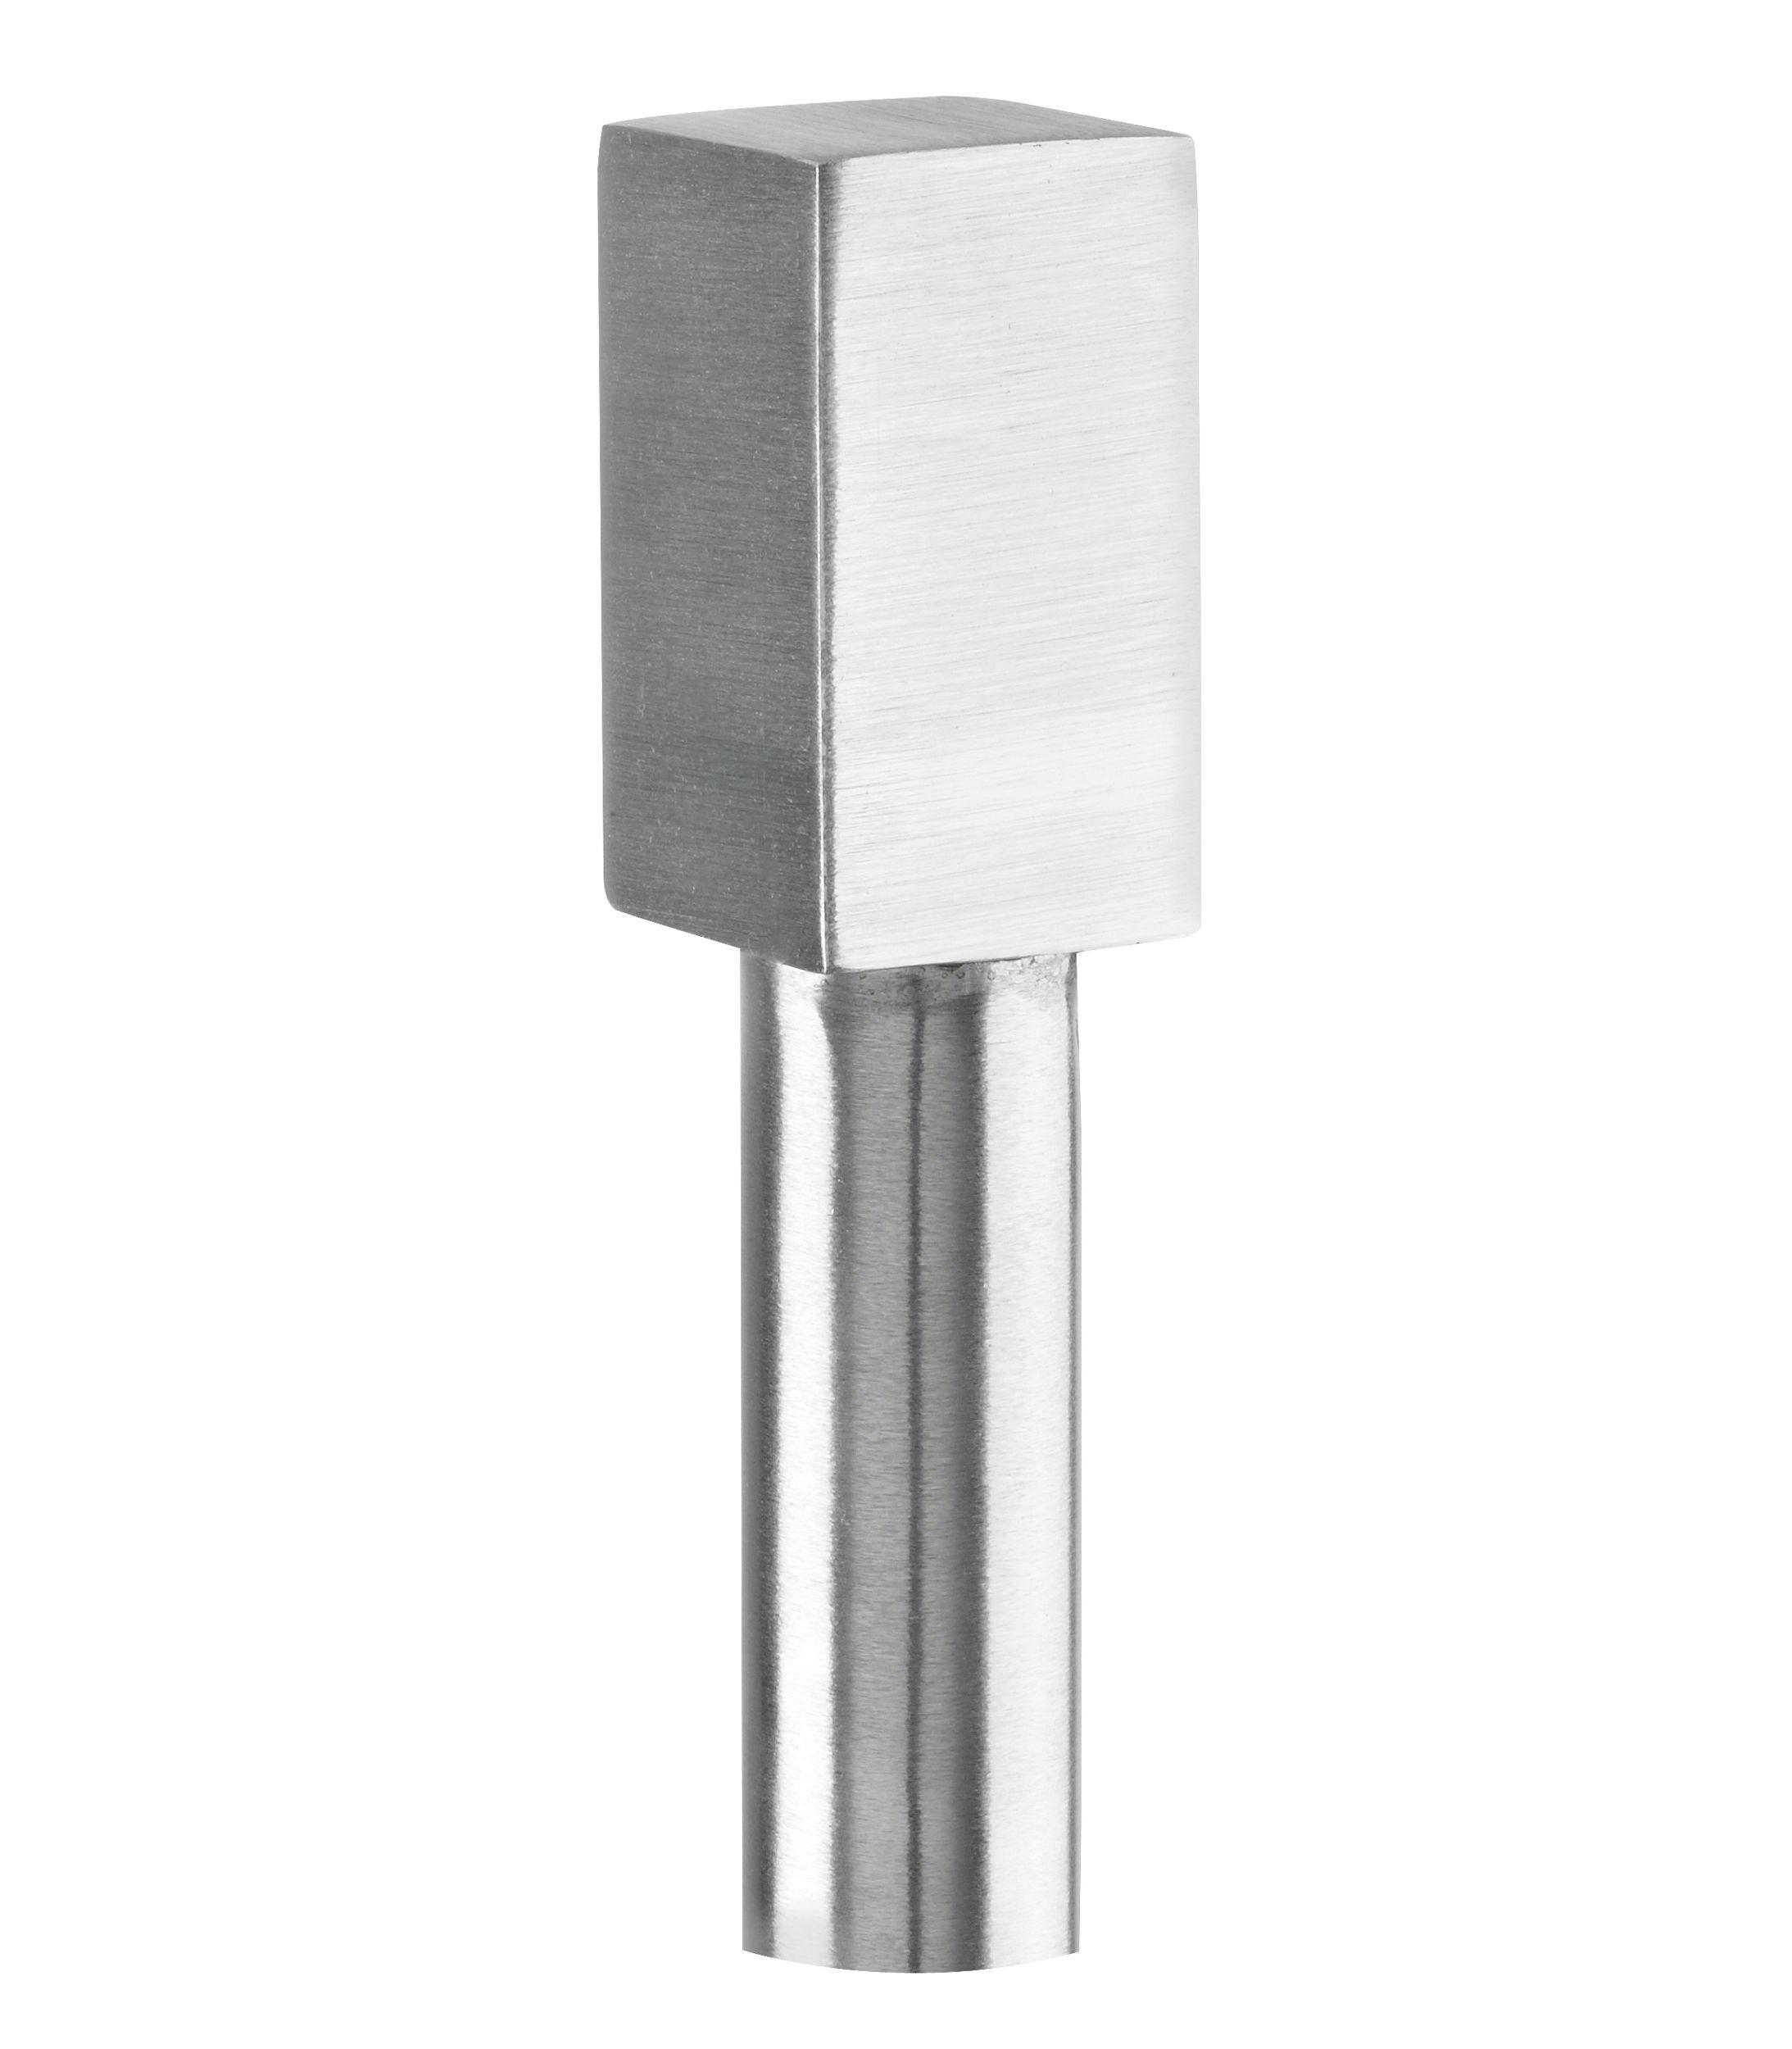 Kravet Metal Cube Satin Nickel HDW20099.106